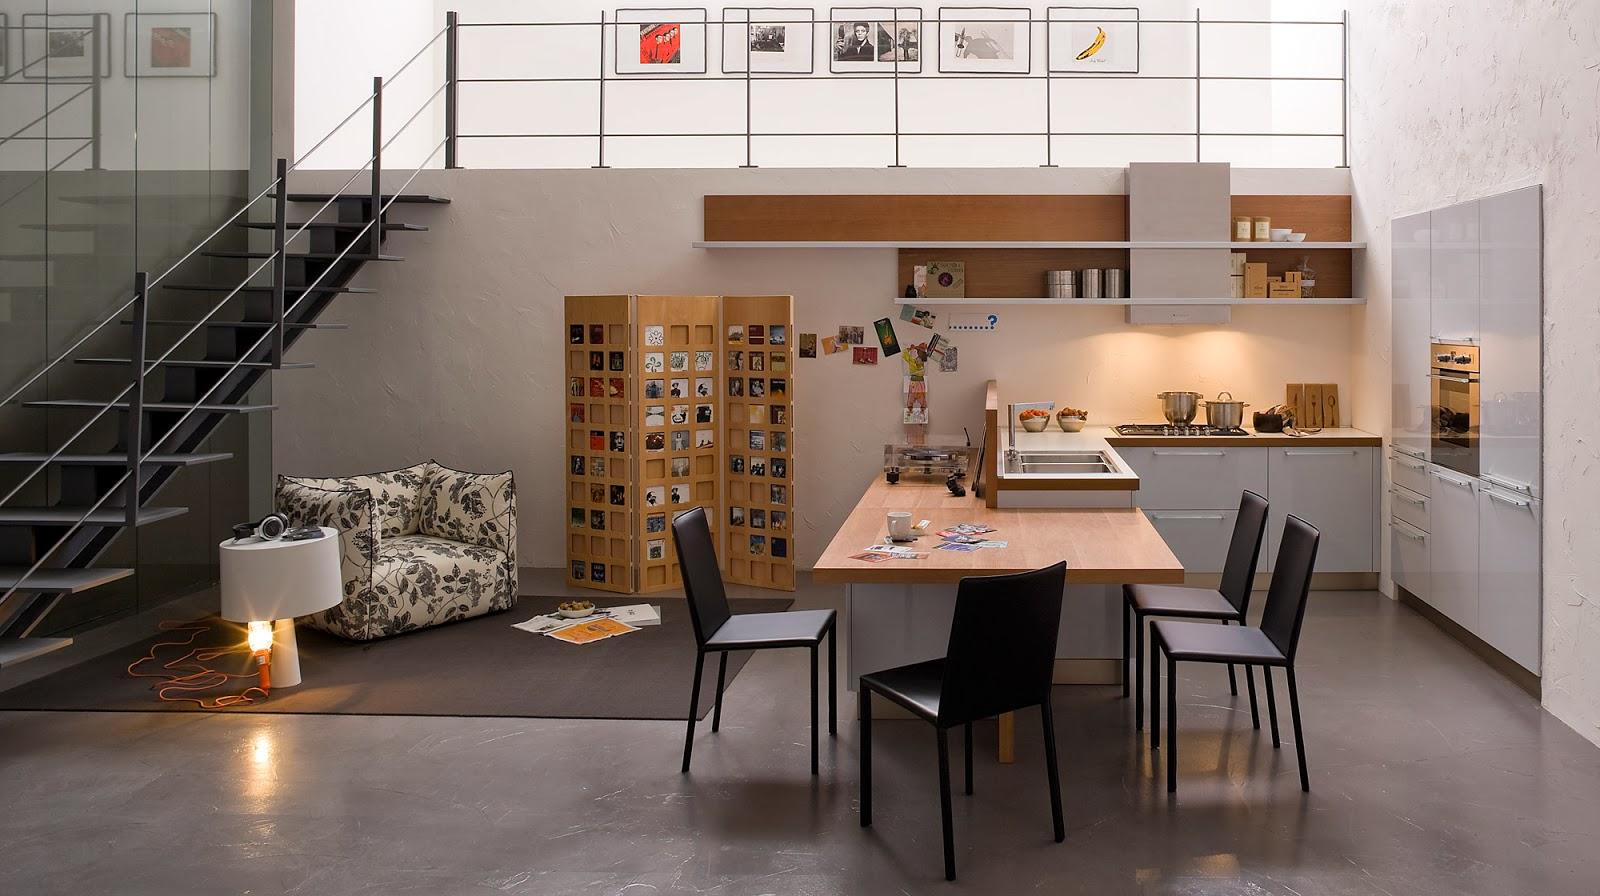 La cocina abierta y su papel integrador en el hogar for Concepto de cocina abierta